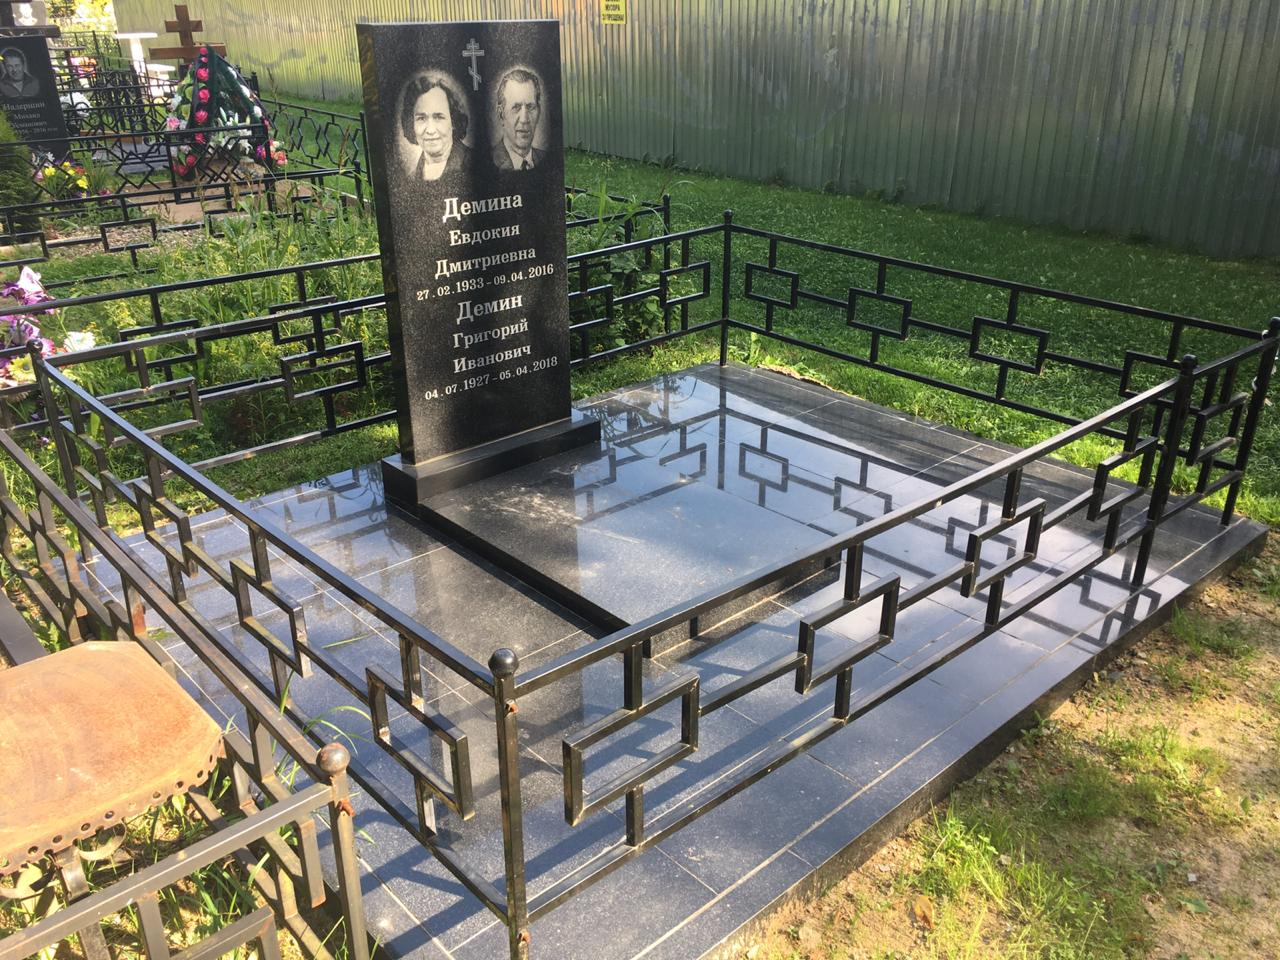 Услуги по укладке плитки на месте захоронения